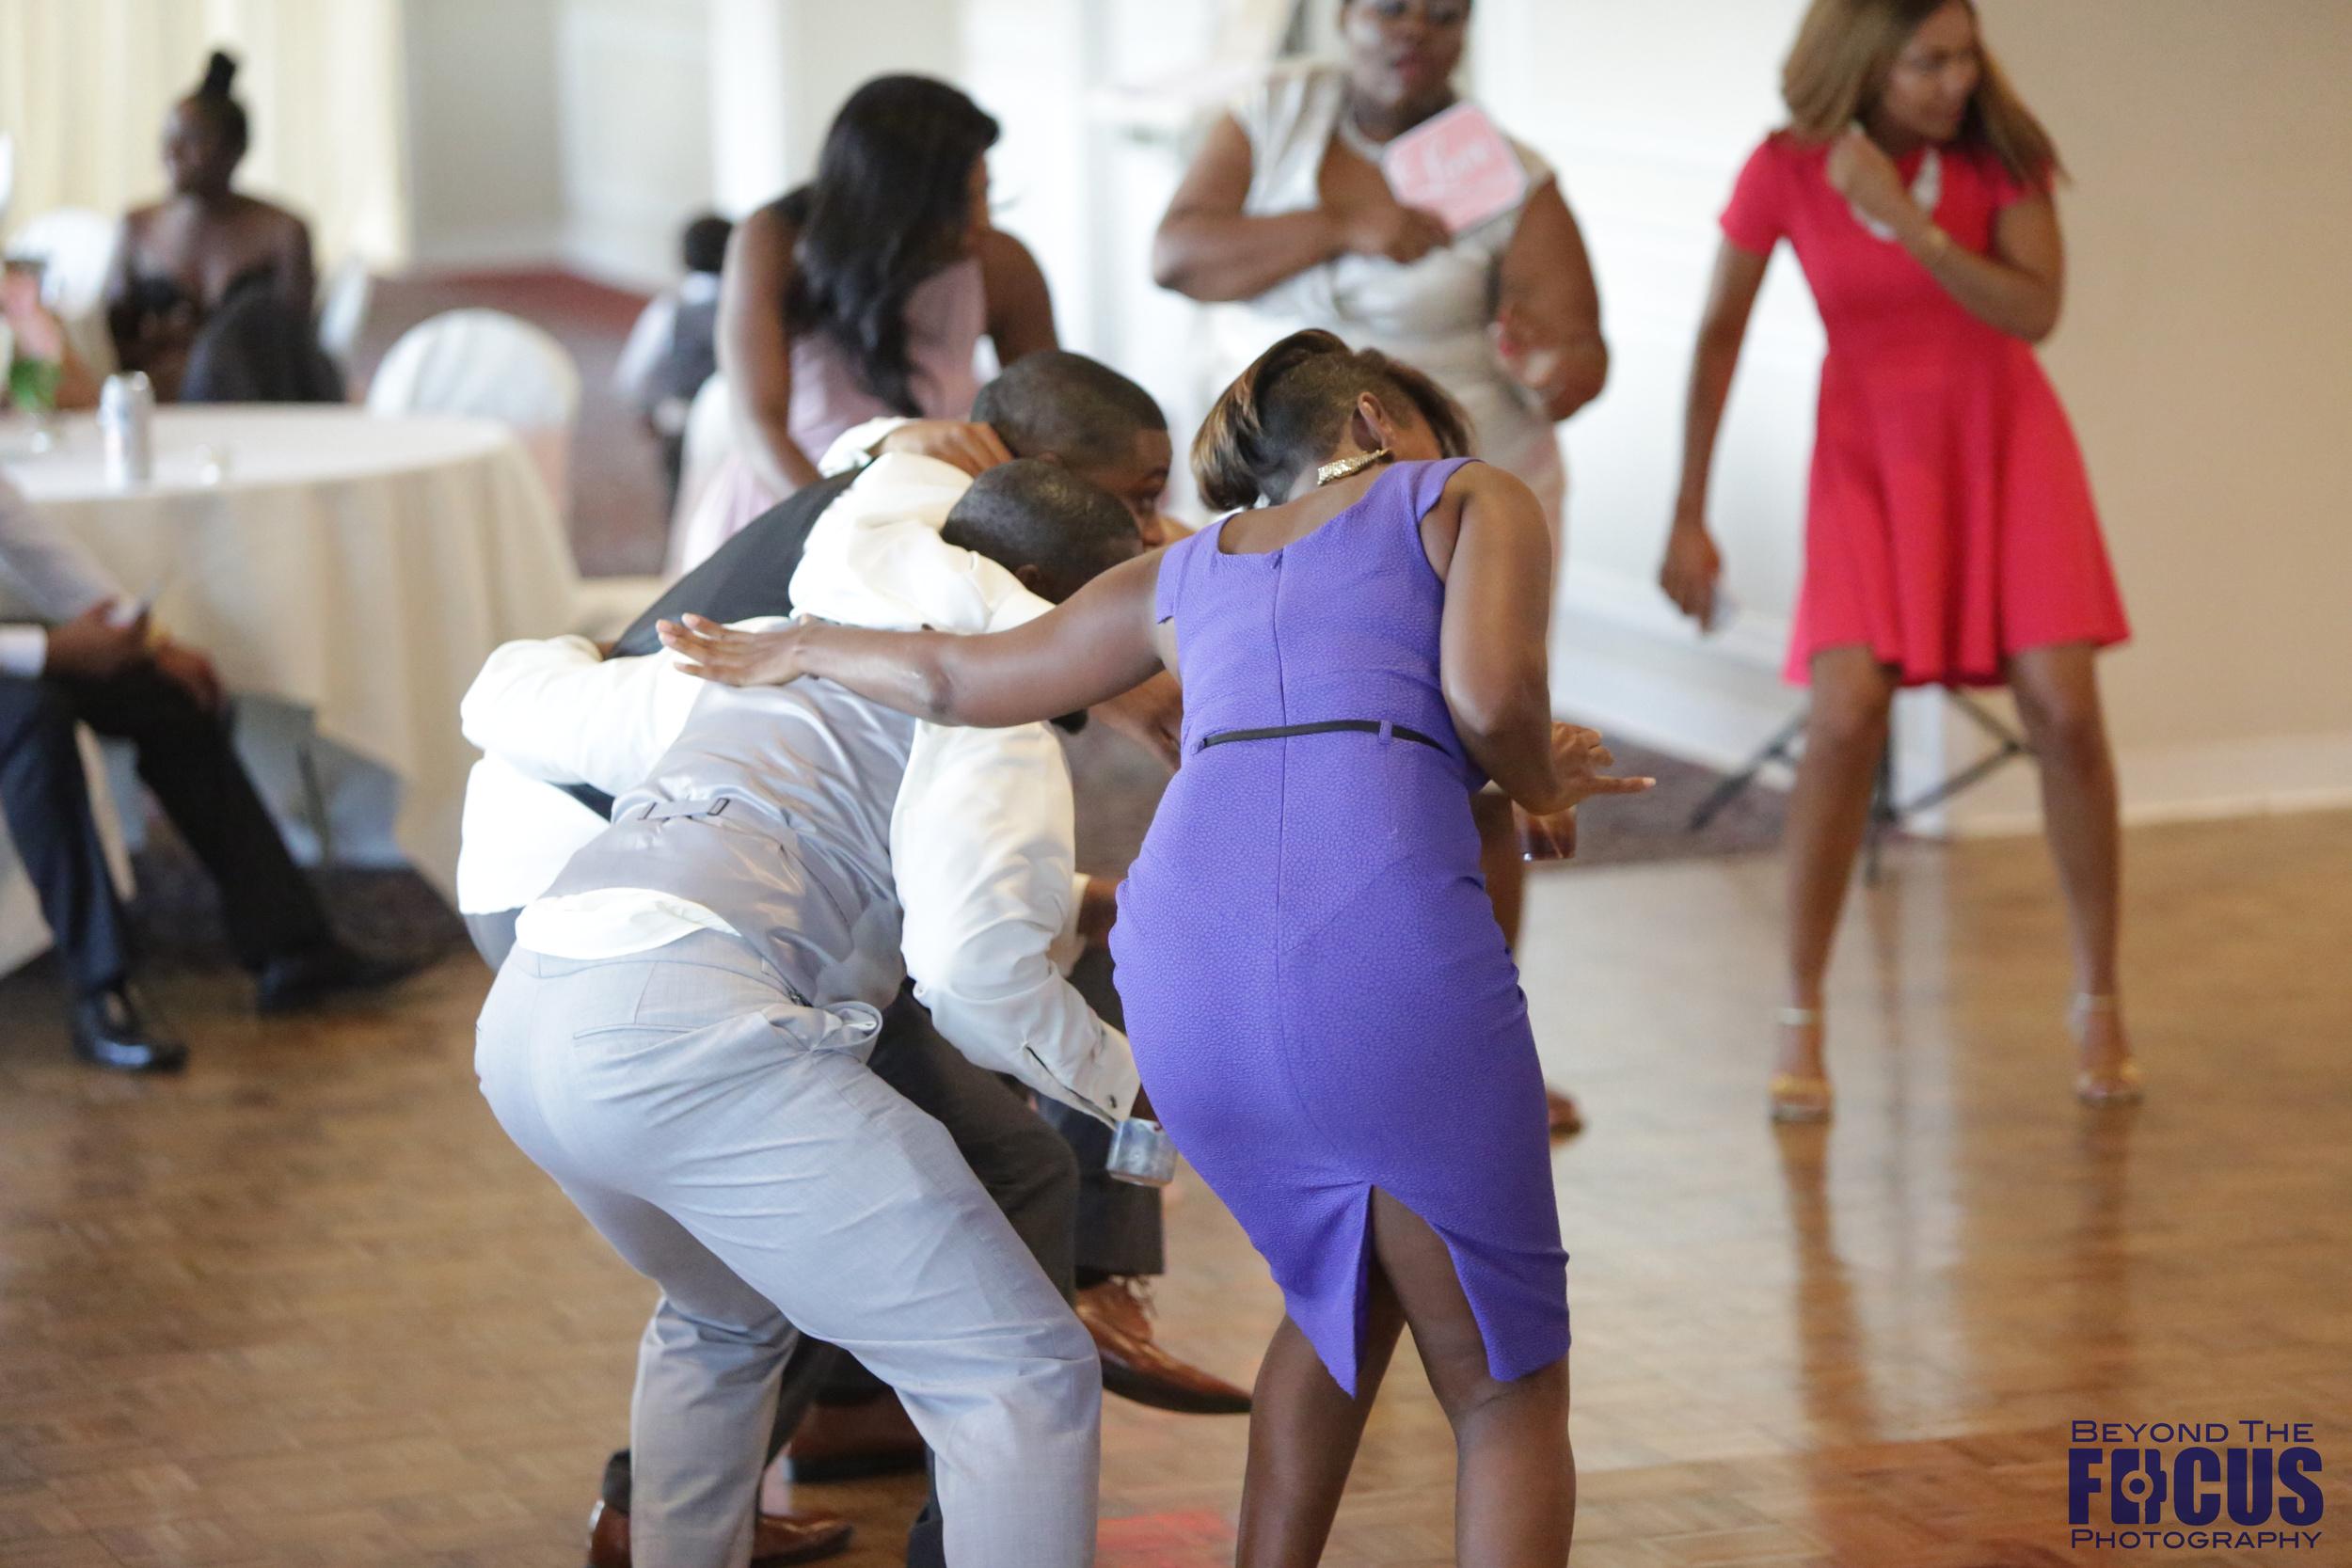 Palmer Wedding - Reception 264.jpg